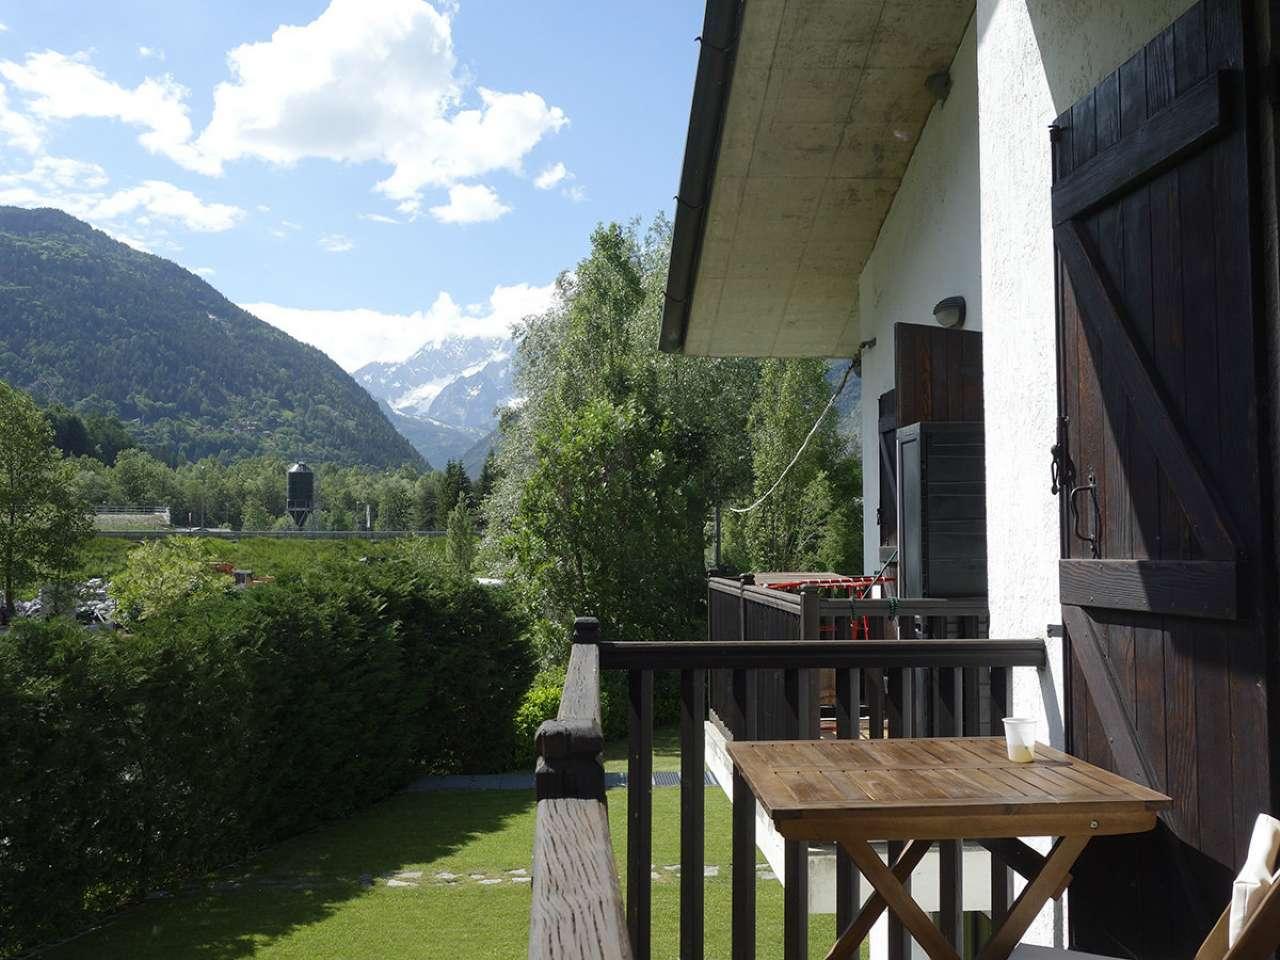 Appartamento in vendita a Morgex, 2 locali, Trattative riservate | CambioCasa.it